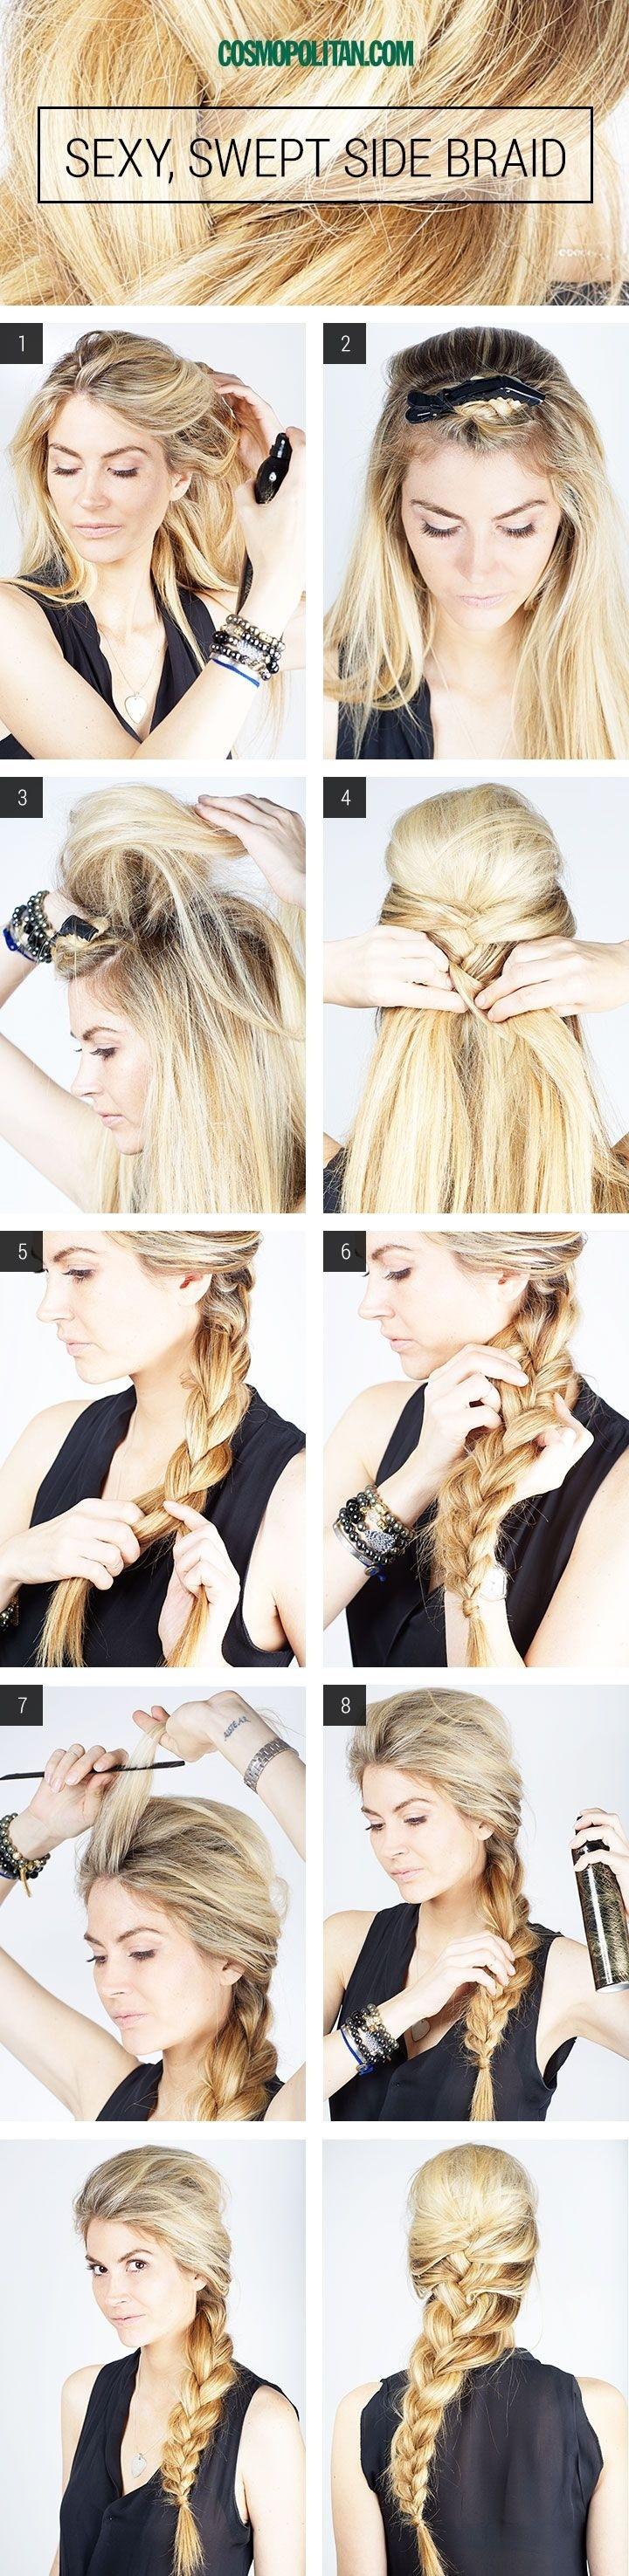 Astonishing 10 French Braids Hairstyles Tutorials Everyday Hair Styles Short Hairstyles Gunalazisus